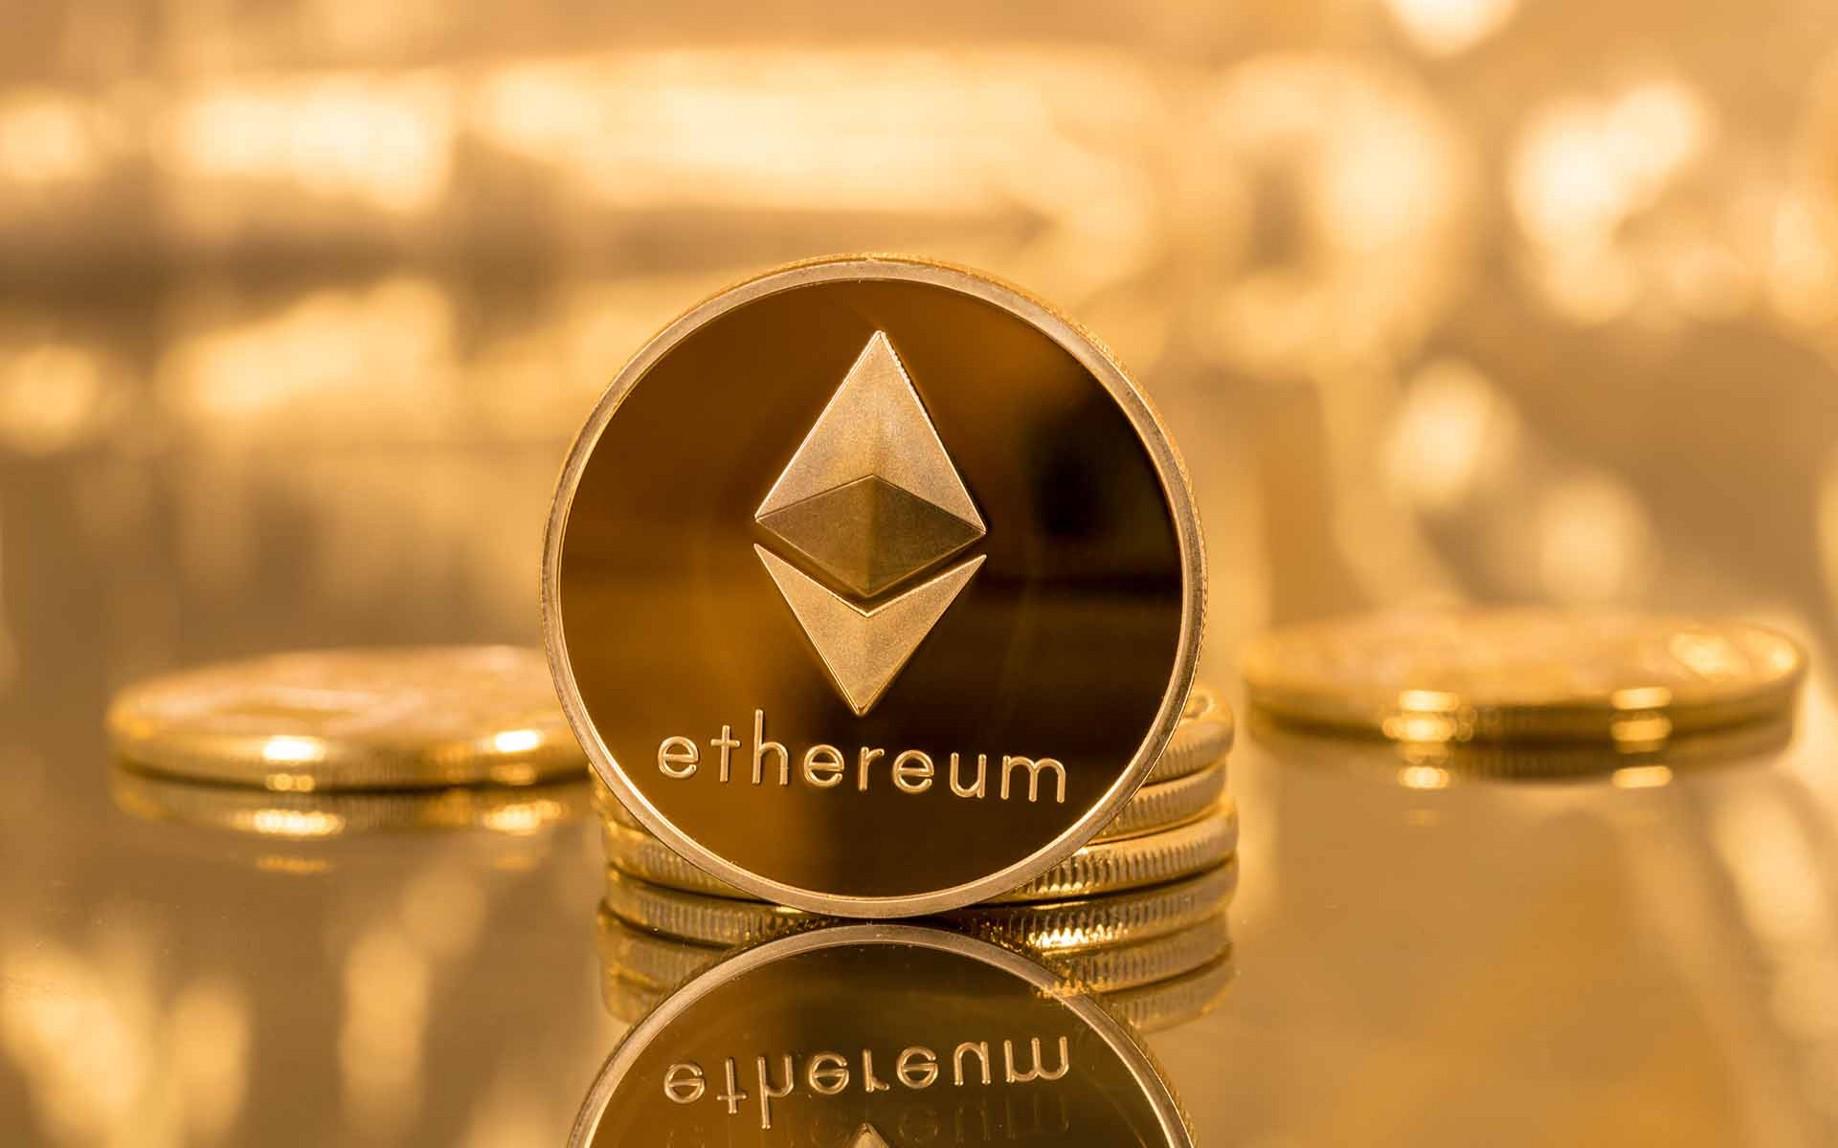 Sàn Kenniex hướng dẫn cách đào Ethereum bằng laptop đơn giản hiệu quả   by  Chợ mua bán ETH   Medium